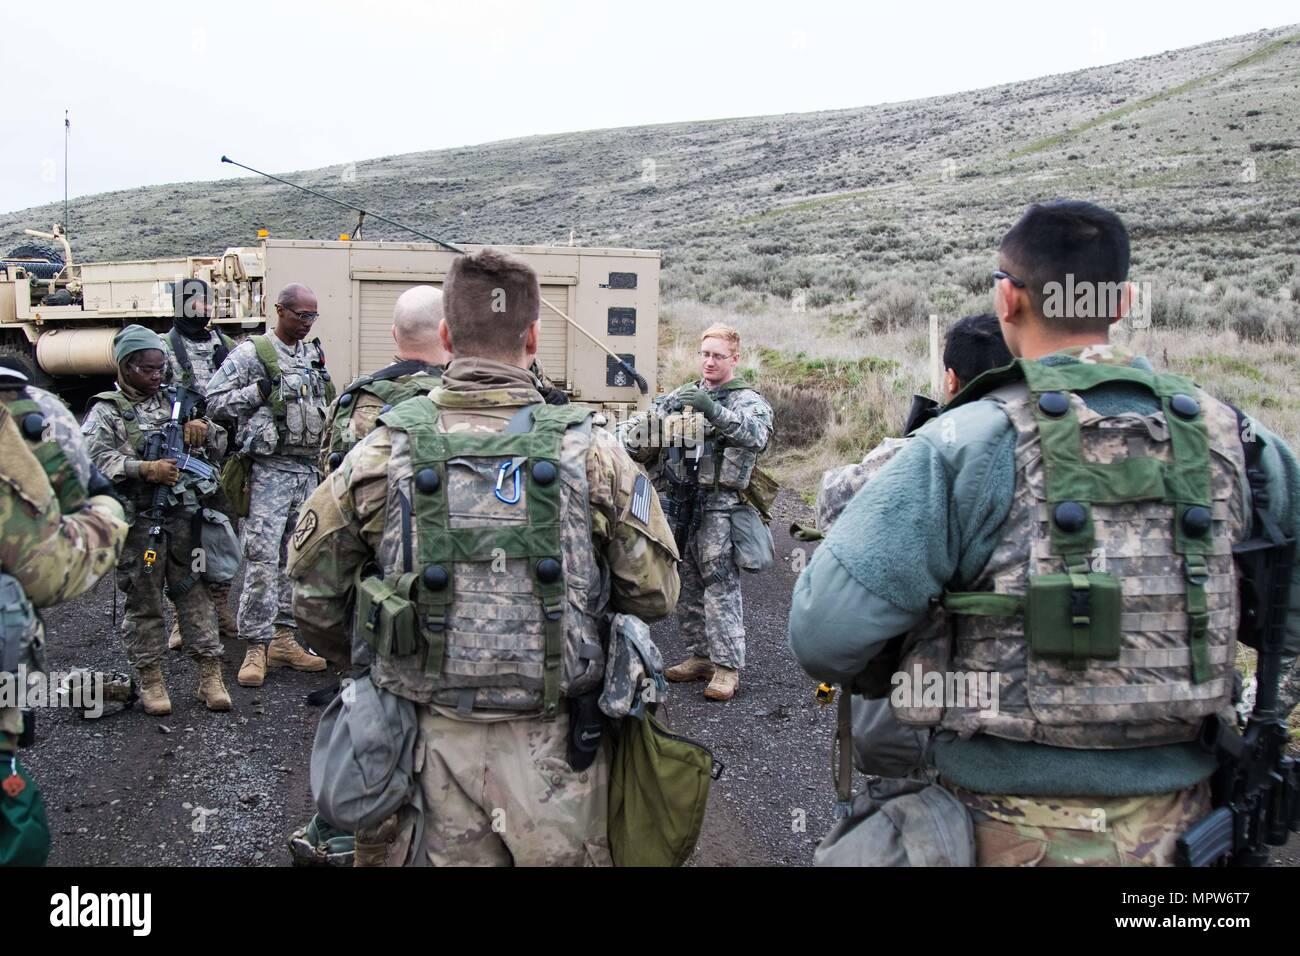 308th Brigade Support Battalion